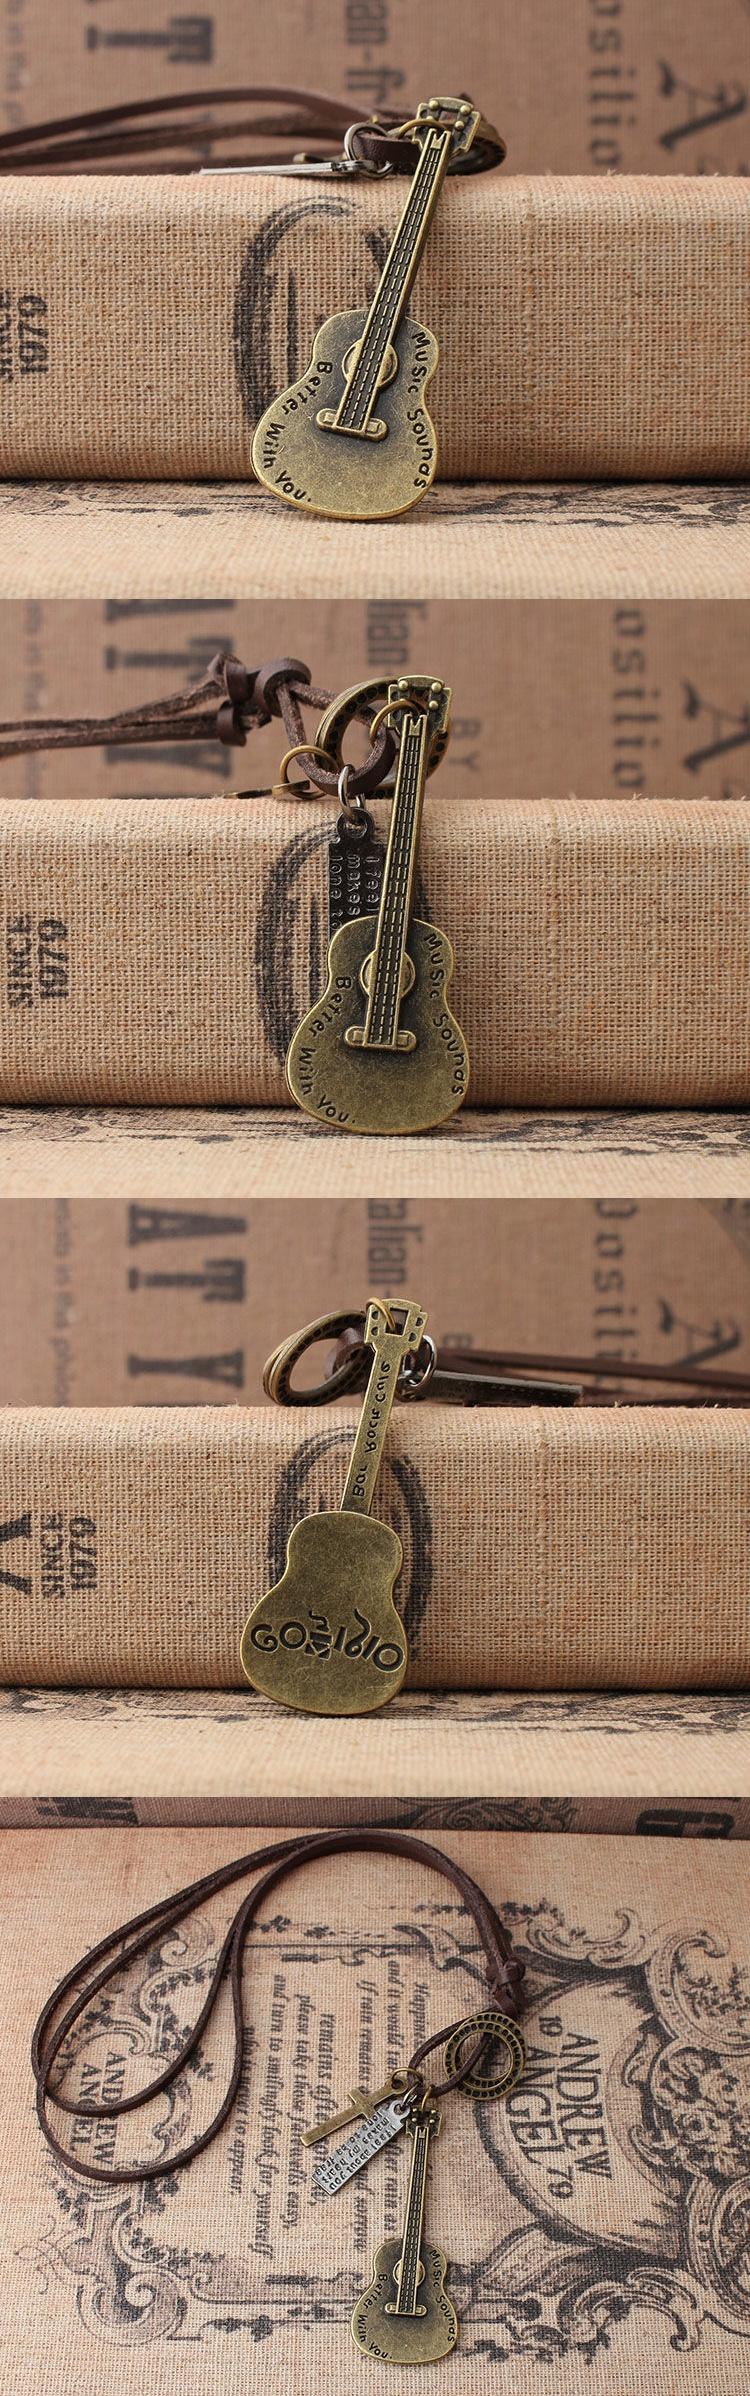 中國代購 中國批發-ibuy99 吉他挂件日韩风时尚饰品吉他乐器合金音符吊坠男女生长款毛衣链绒